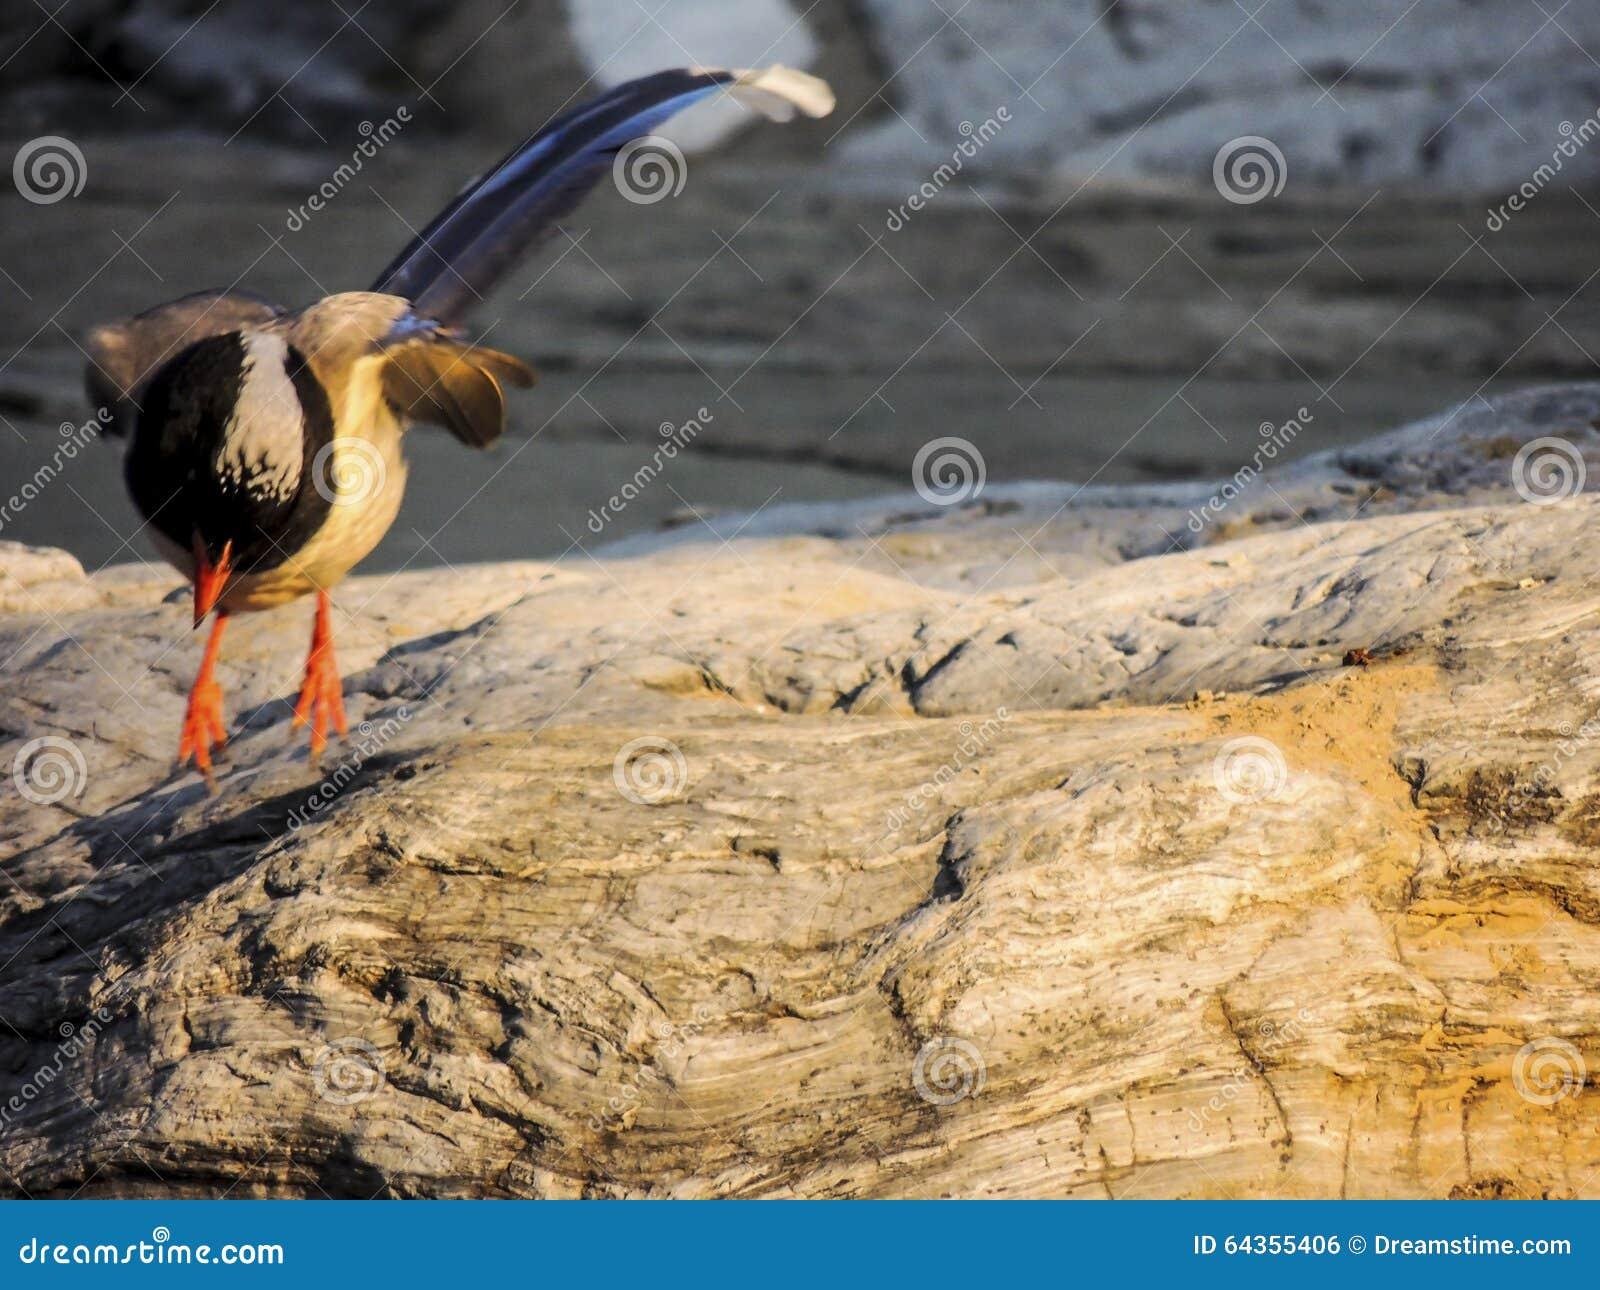 Red-billed Blue Magpie, bird